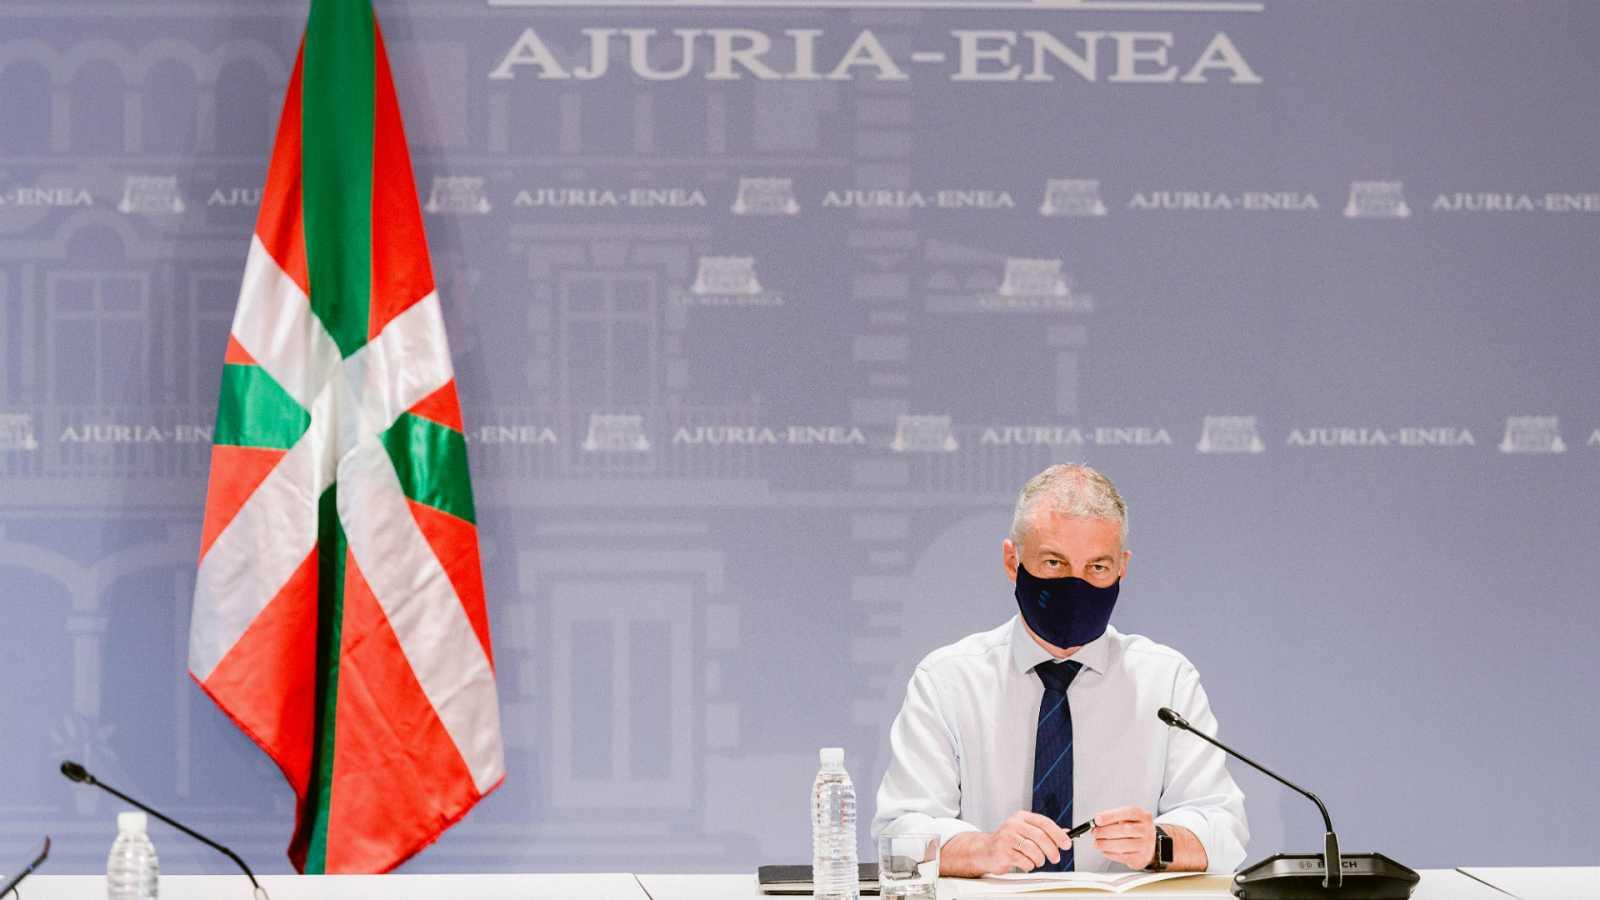 14 horas - País Vasco y Extremadura registran la mayor cifra de contagios desde marzo - Escuchar ahora